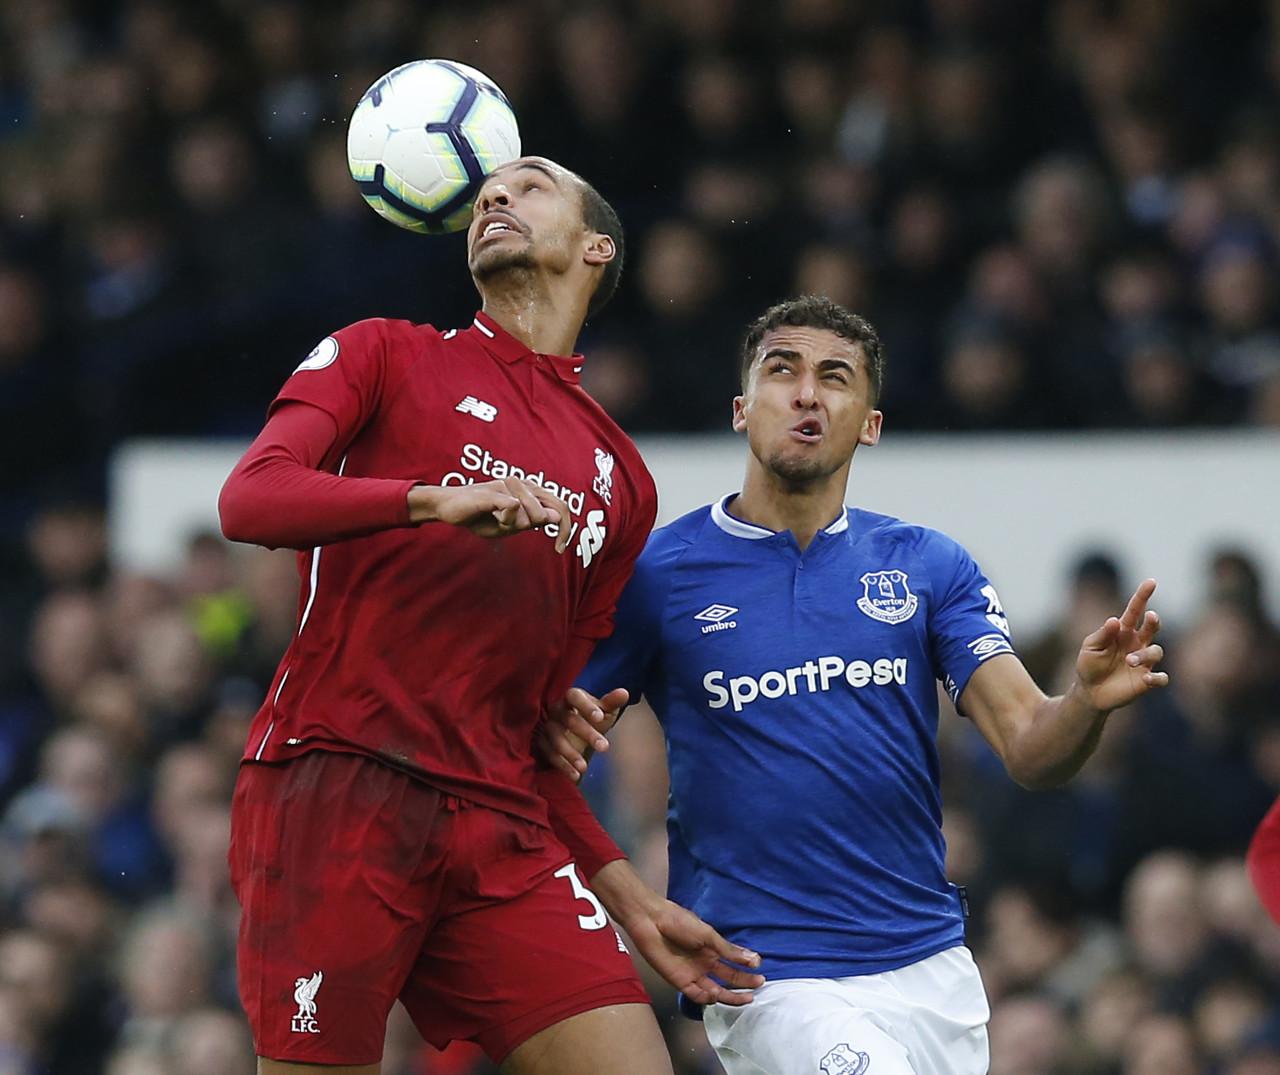 早报:利物浦0-0纽卡联赛两连平;皇马1-1埃尔切连胜遭完结